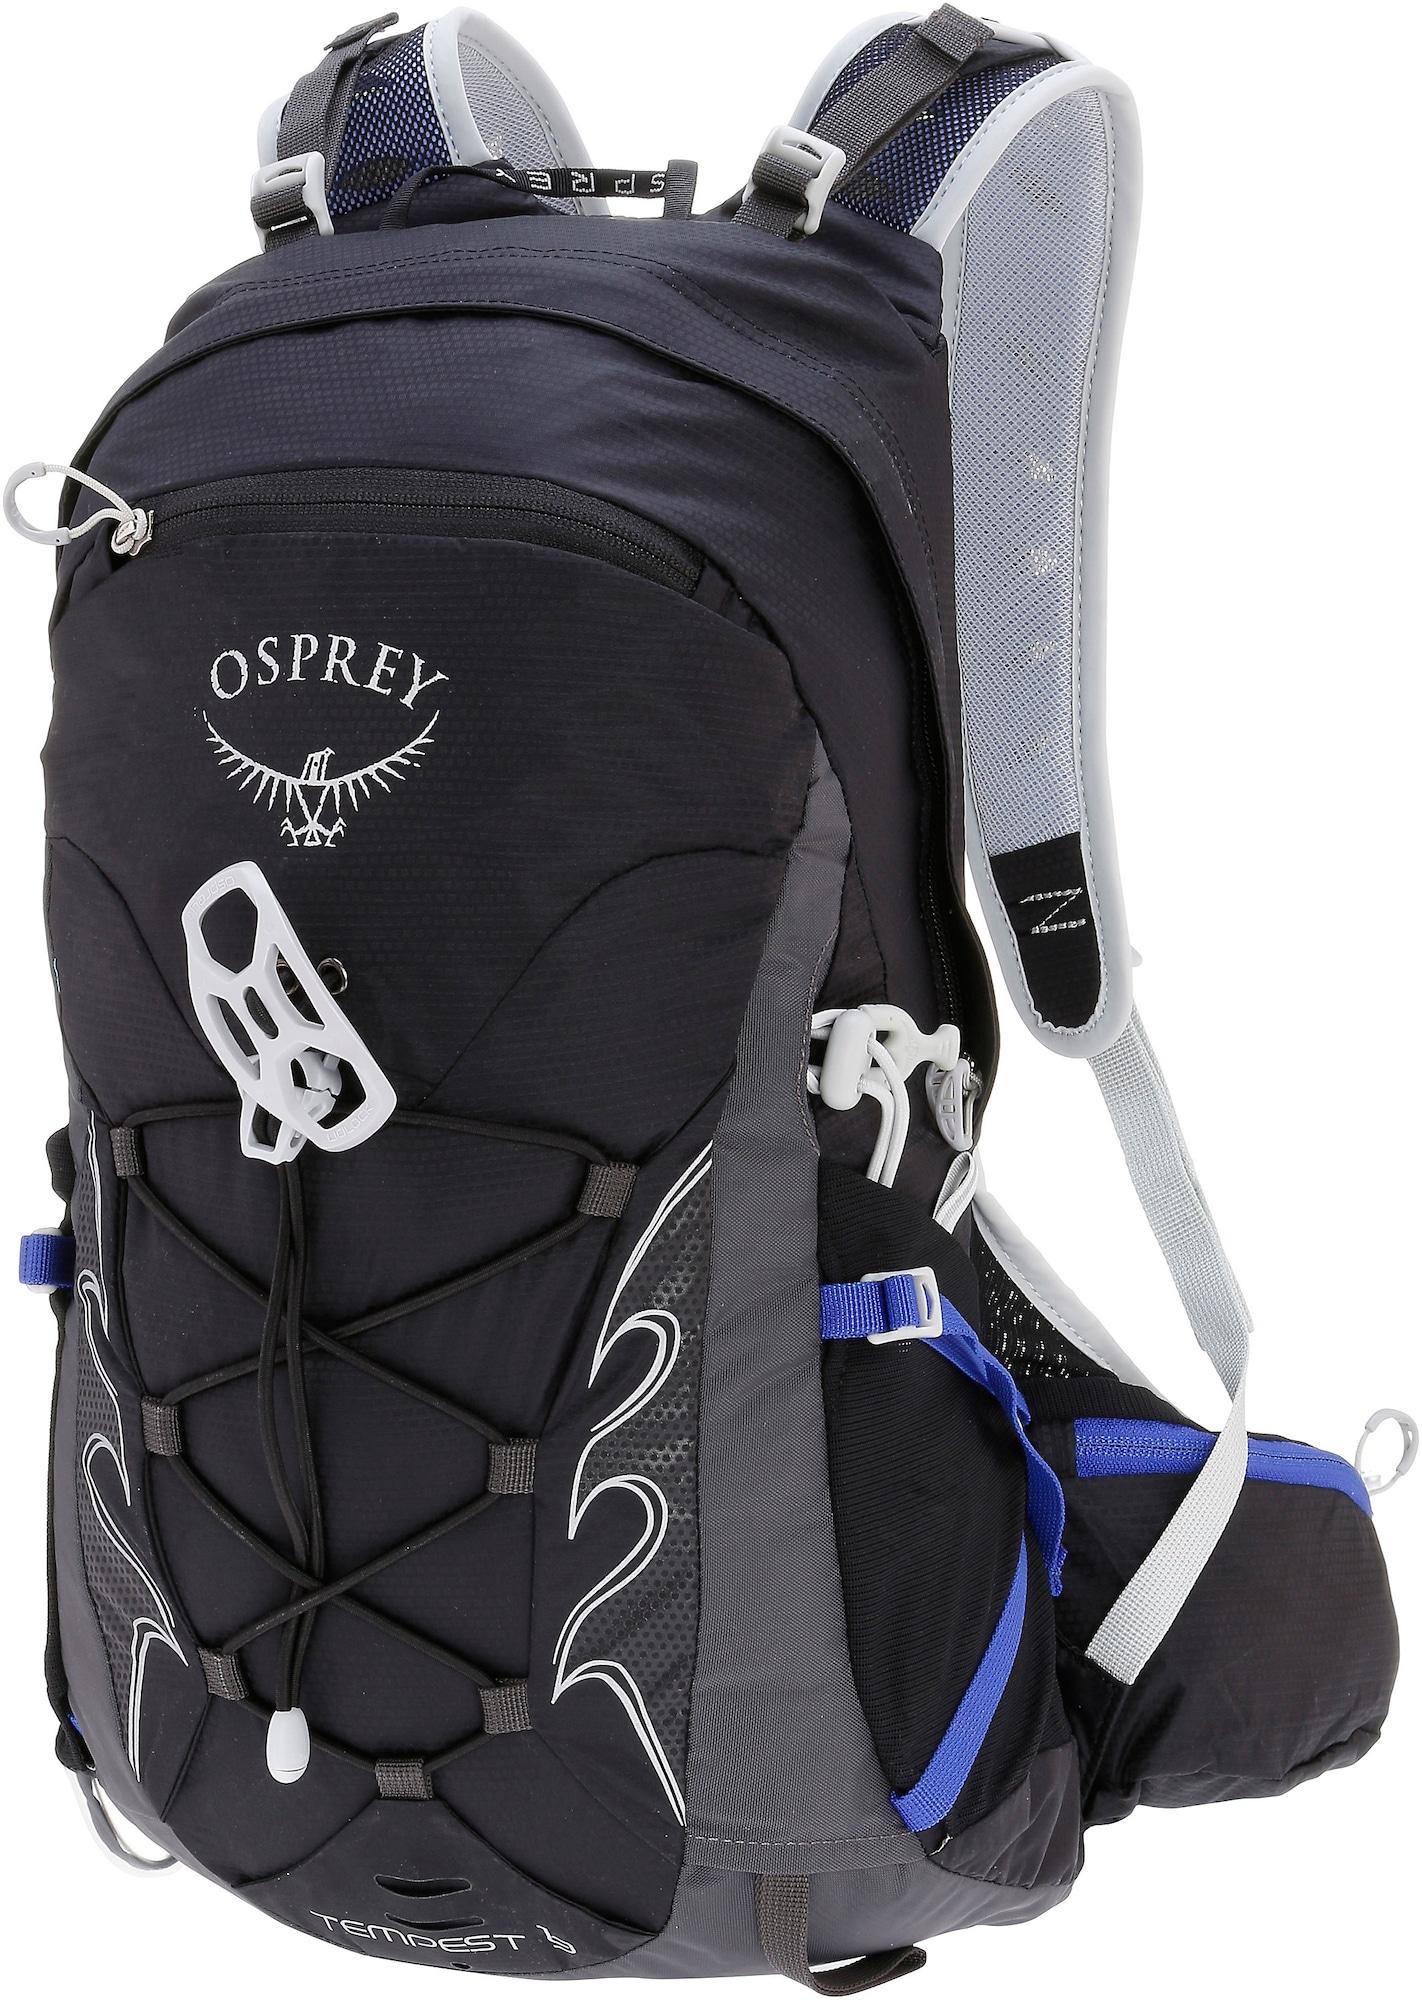 'Tempest 9L' Daypack Damen   Taschen > Rucksäcke > Tagesrucksäcke   Osprey